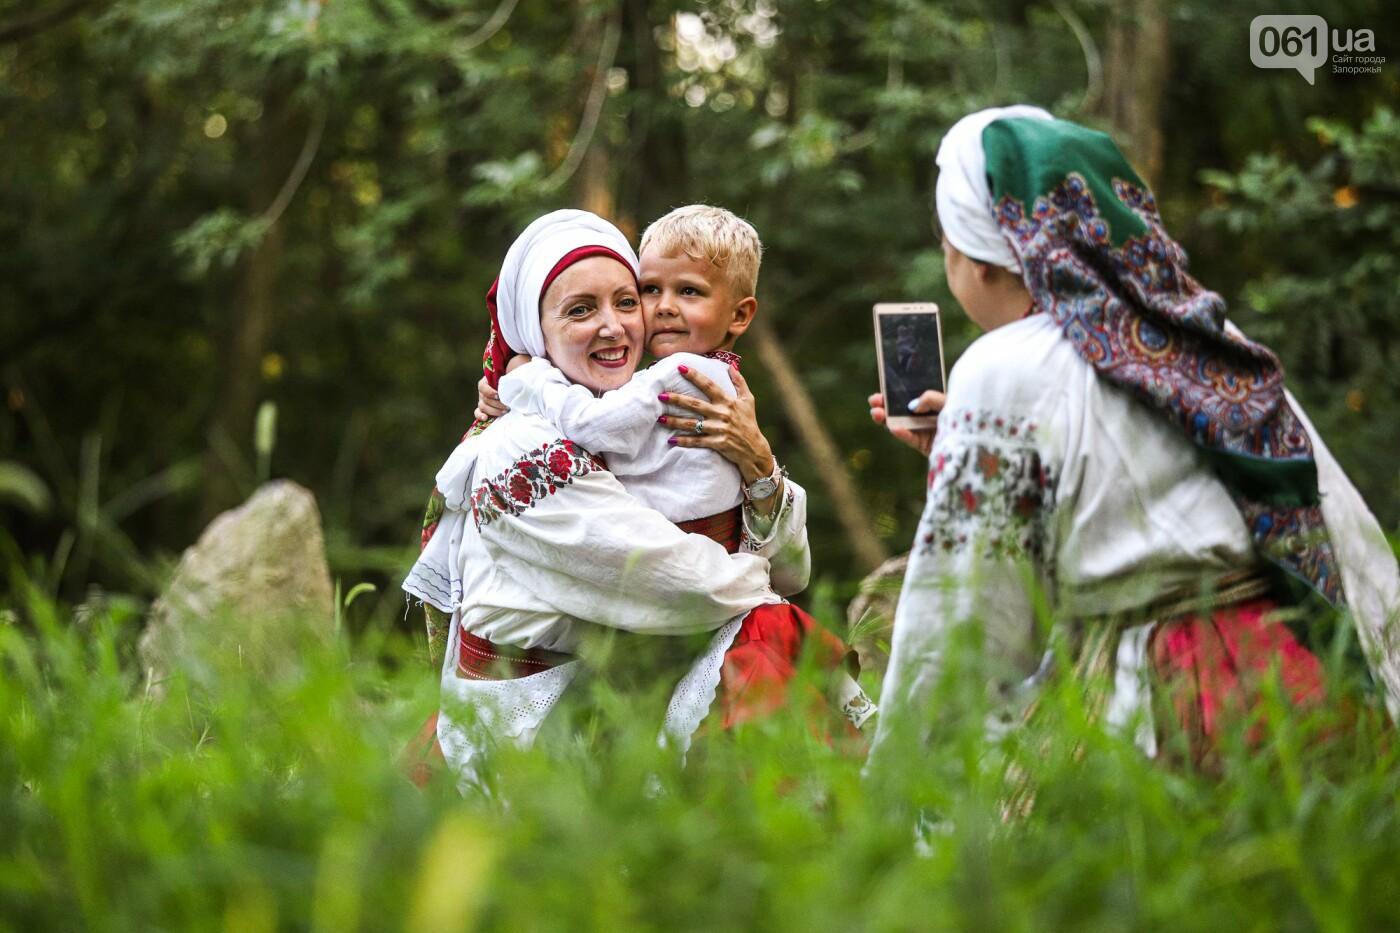 Огонь и дубовые венки: как на Хортице отметили праздник Перуна, - ФОТОРЕПОРТАЖ, фото-3